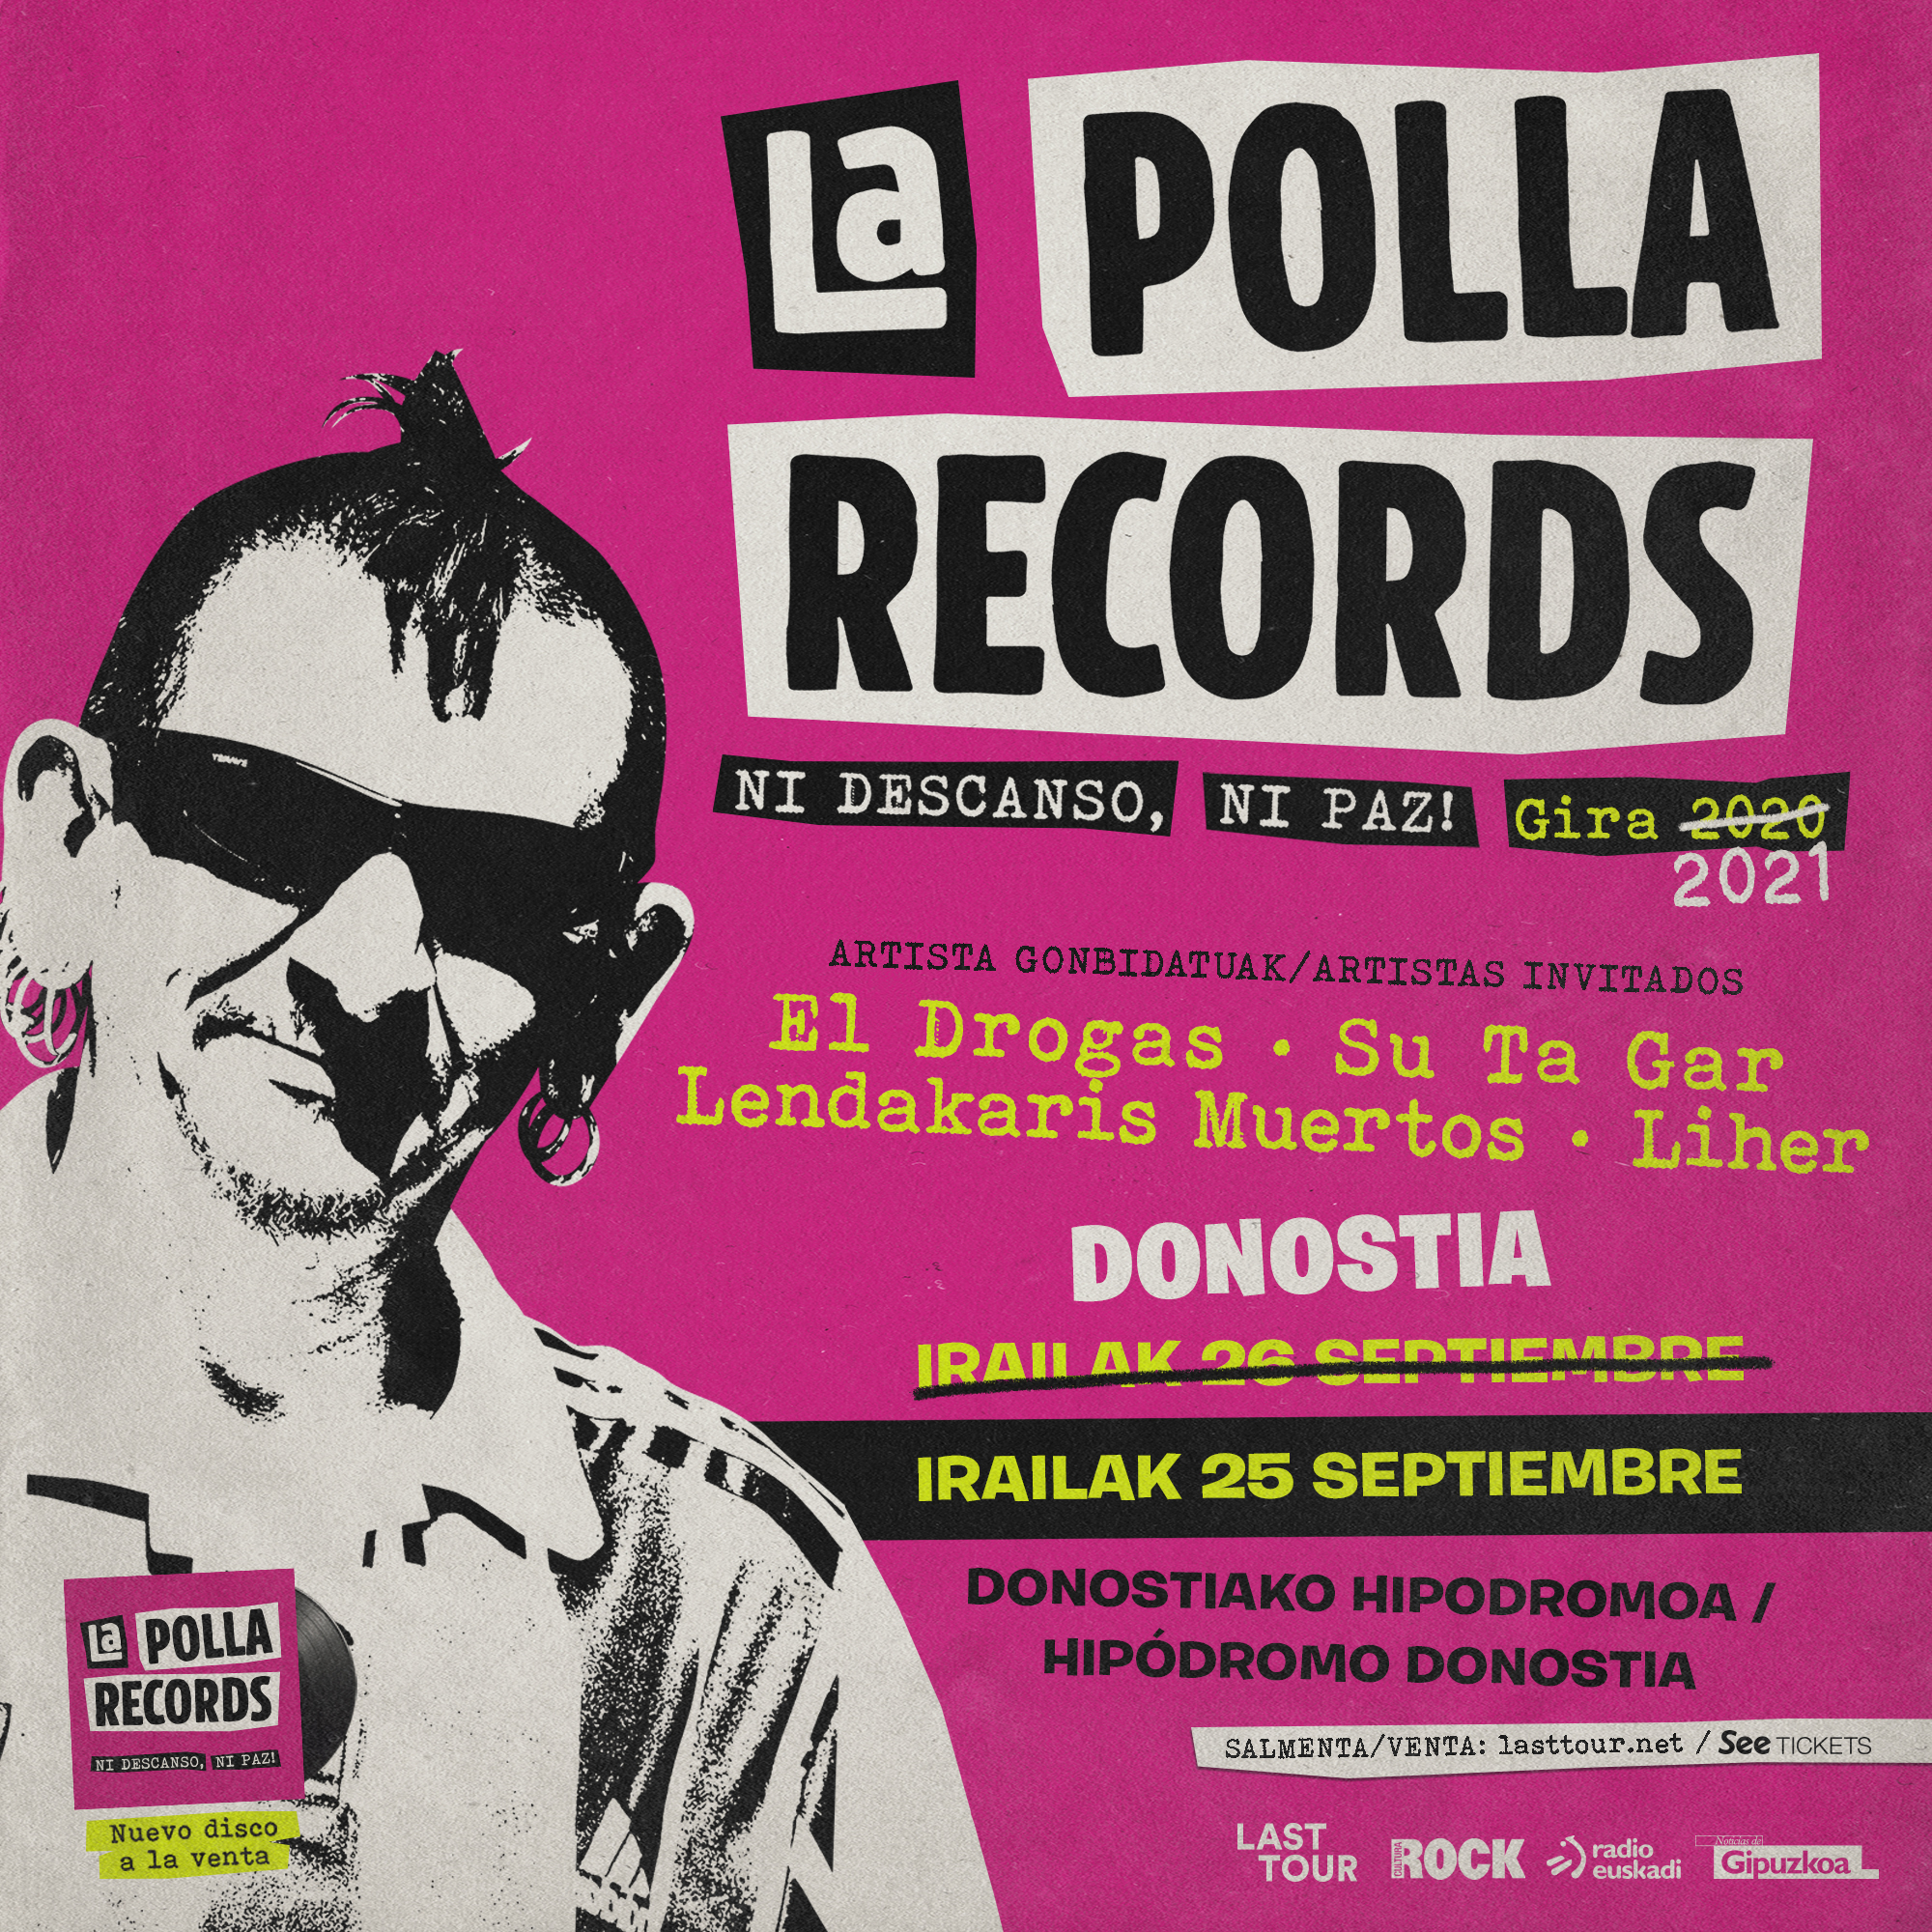 Ellos dicen mierda... el topic de La Polla Records - Página 9 97973ef8-25ac-423a-831a-185558fa68f6